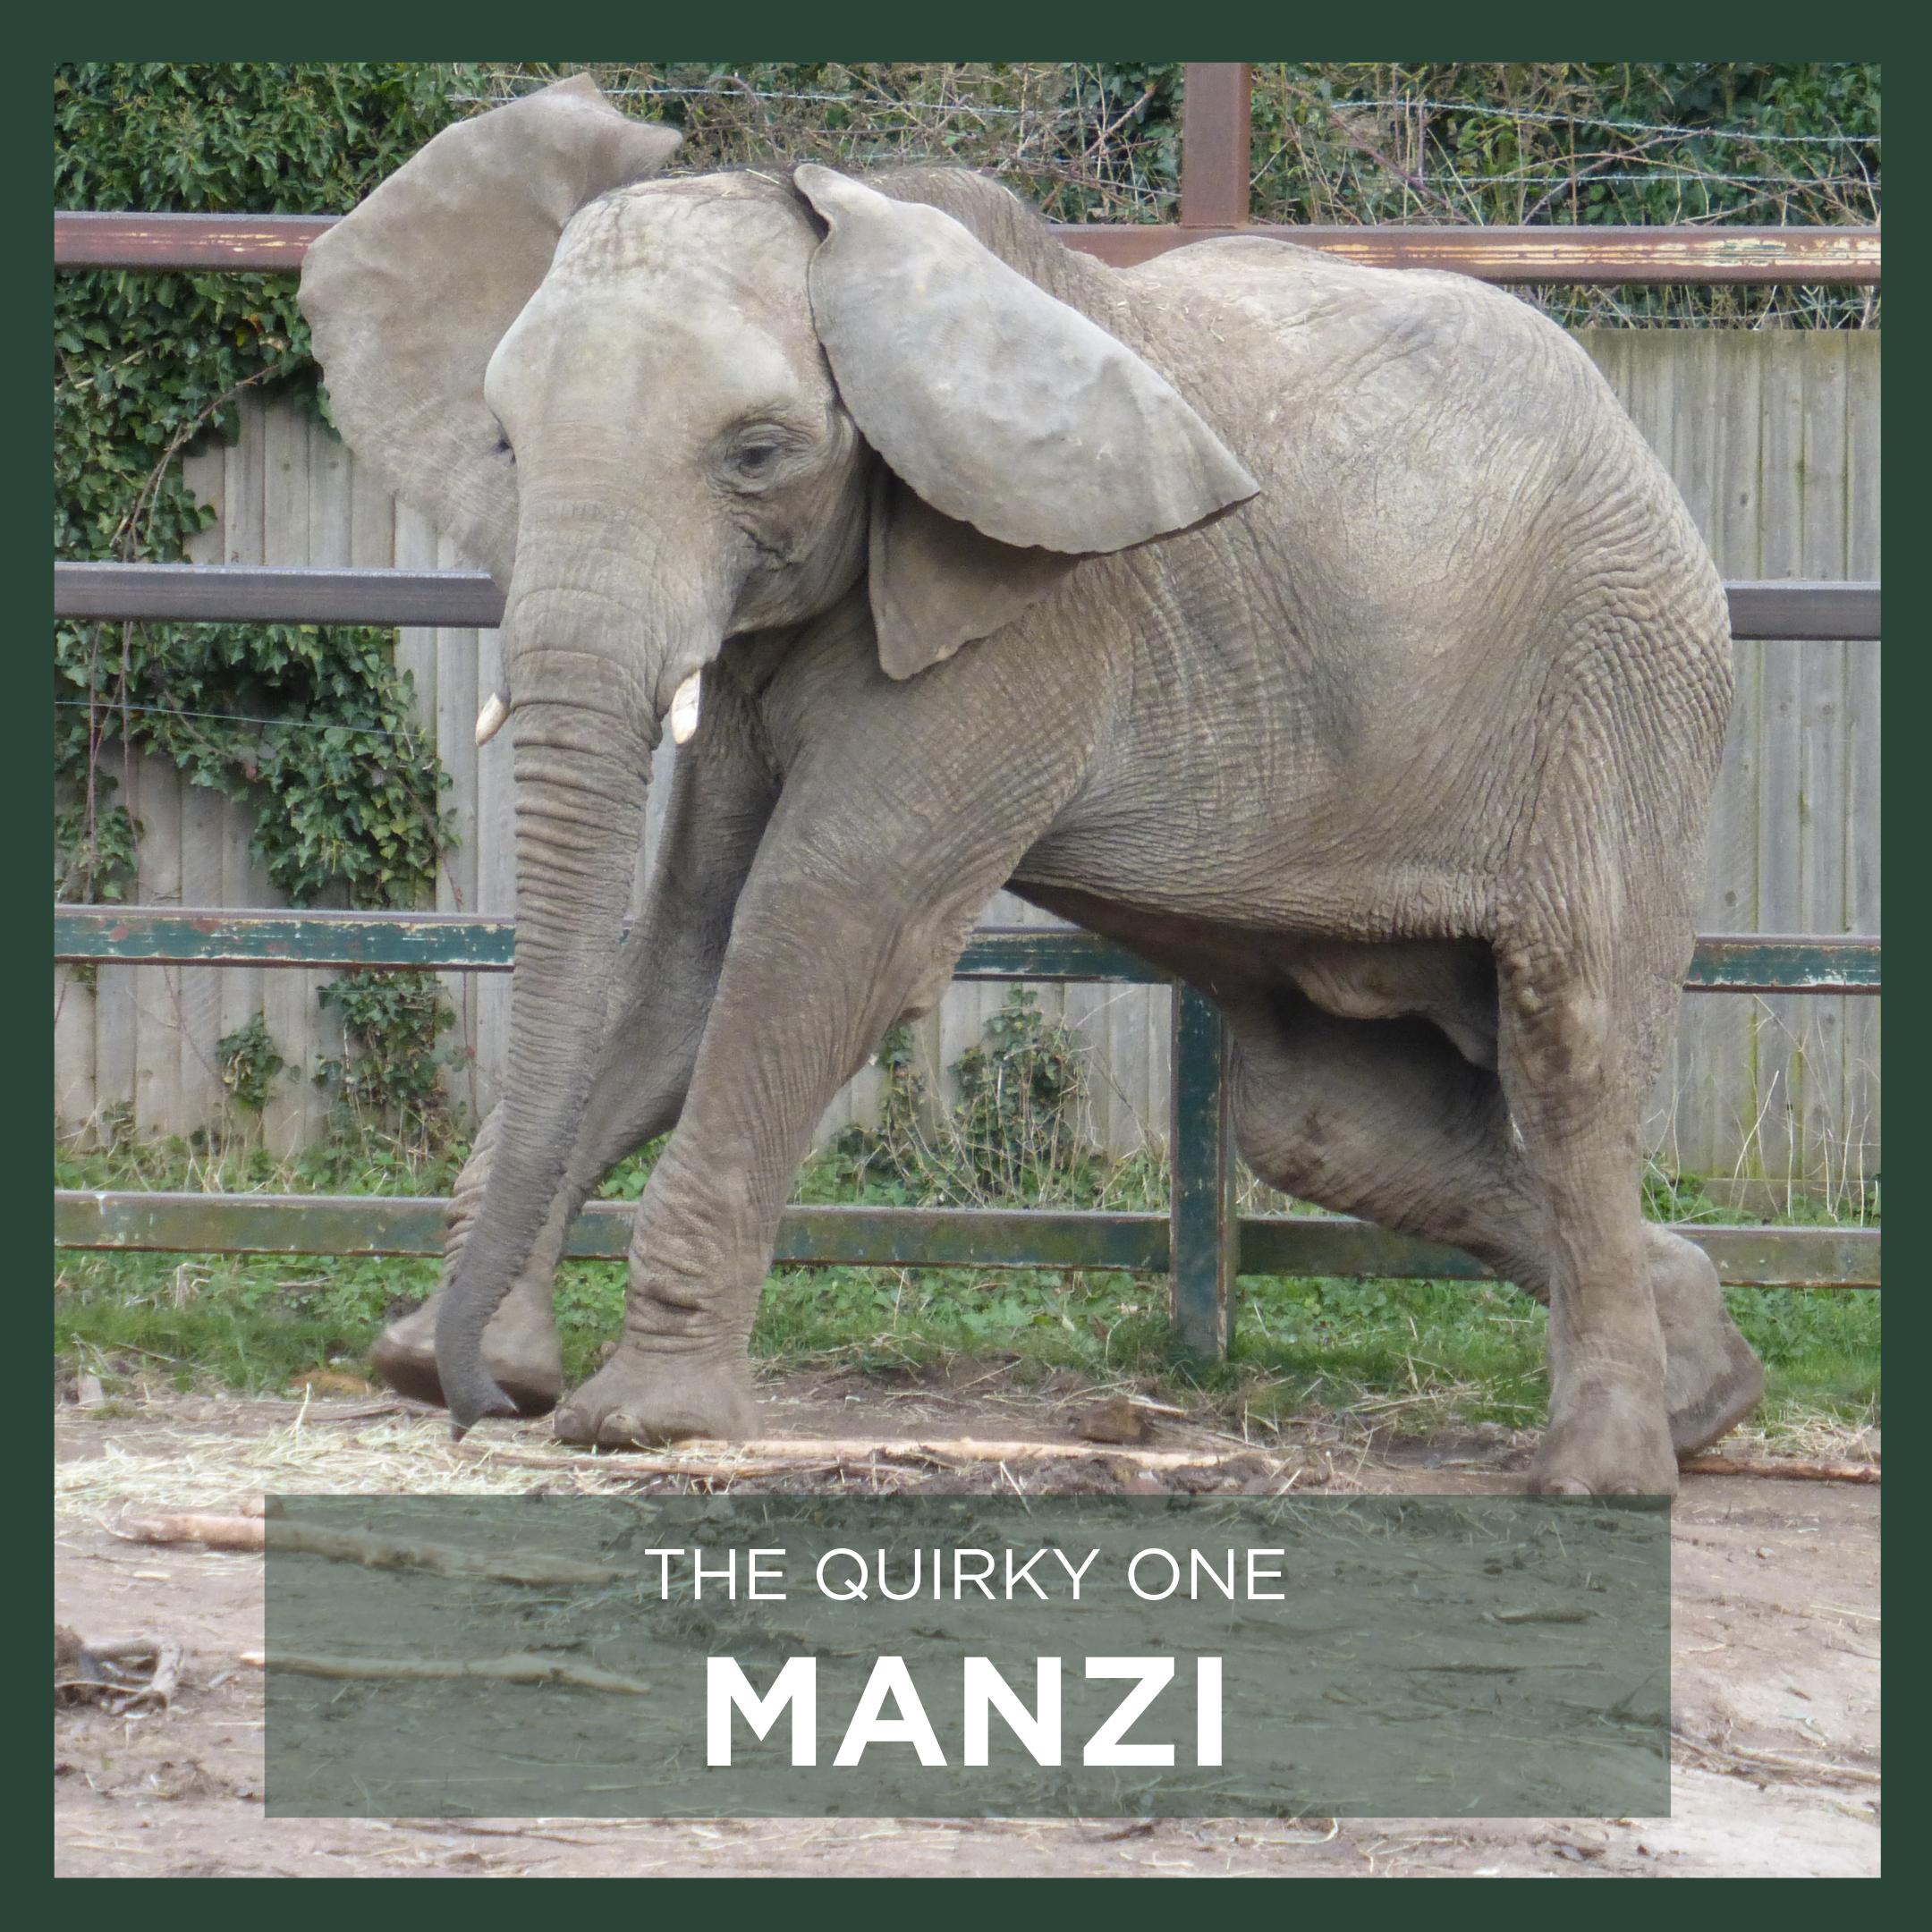 MANZI